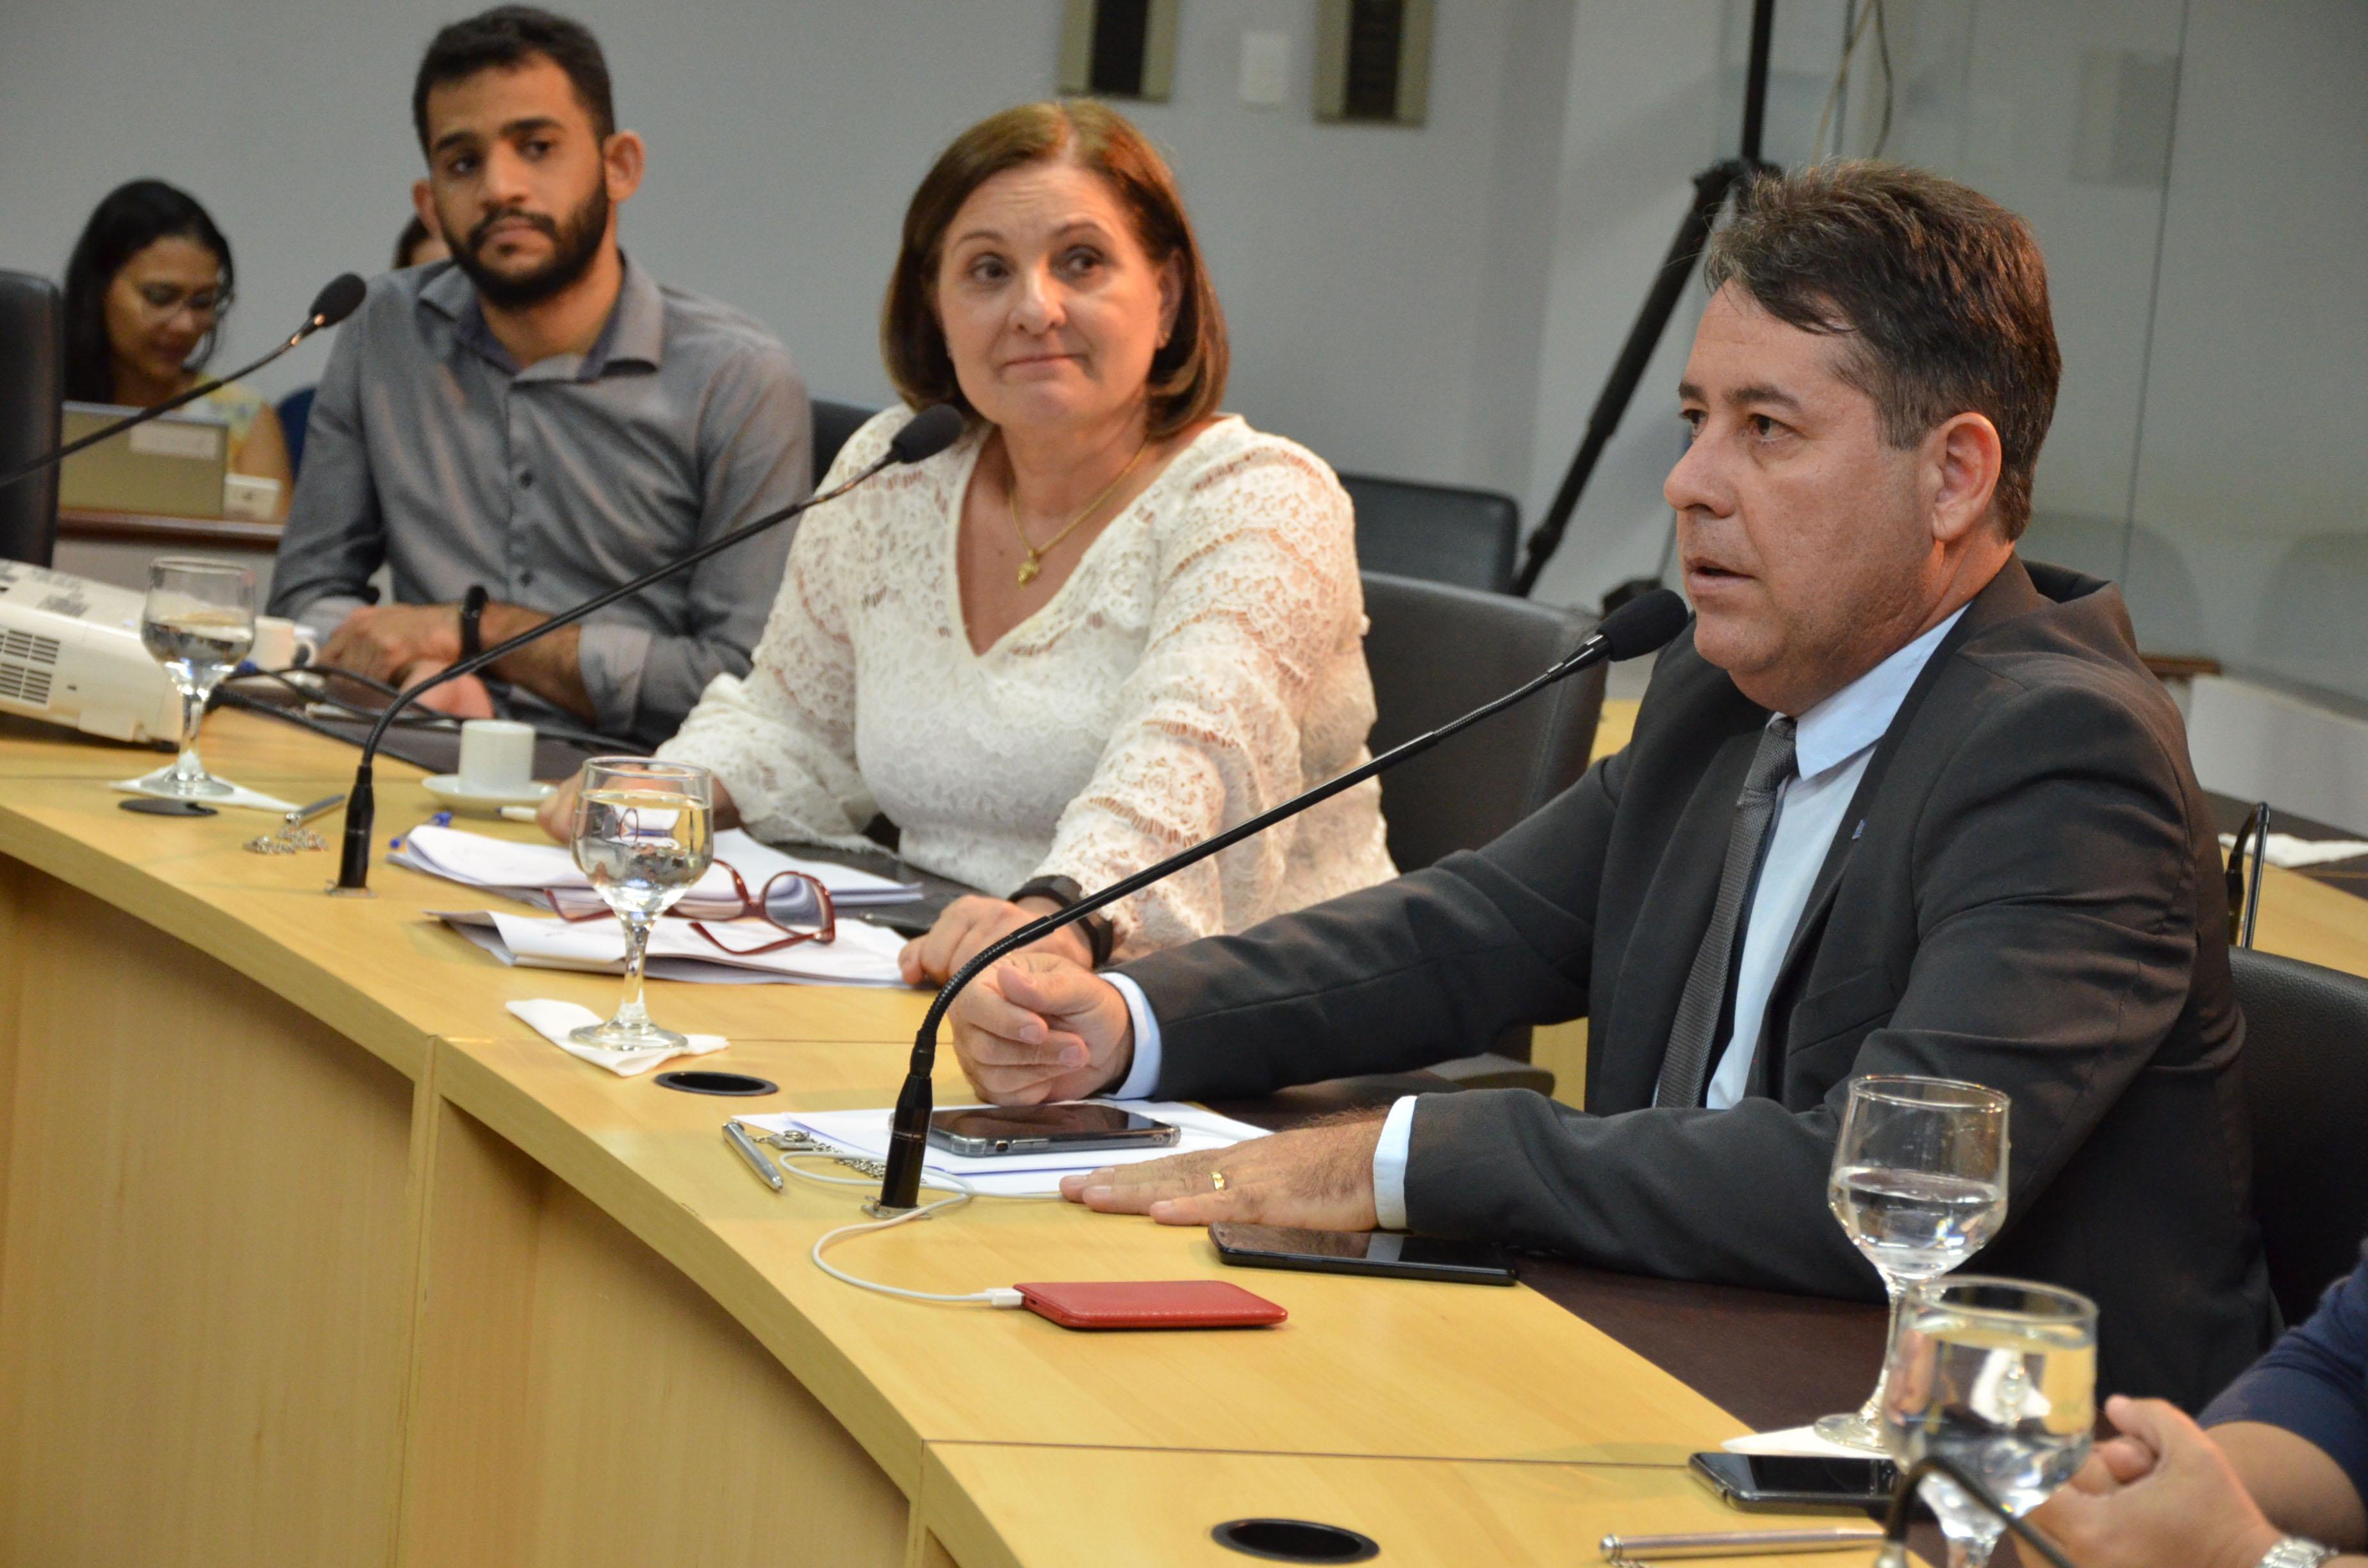 Executivo apresenta resultados e metas fiscais do 1º quadrimestre de 2019